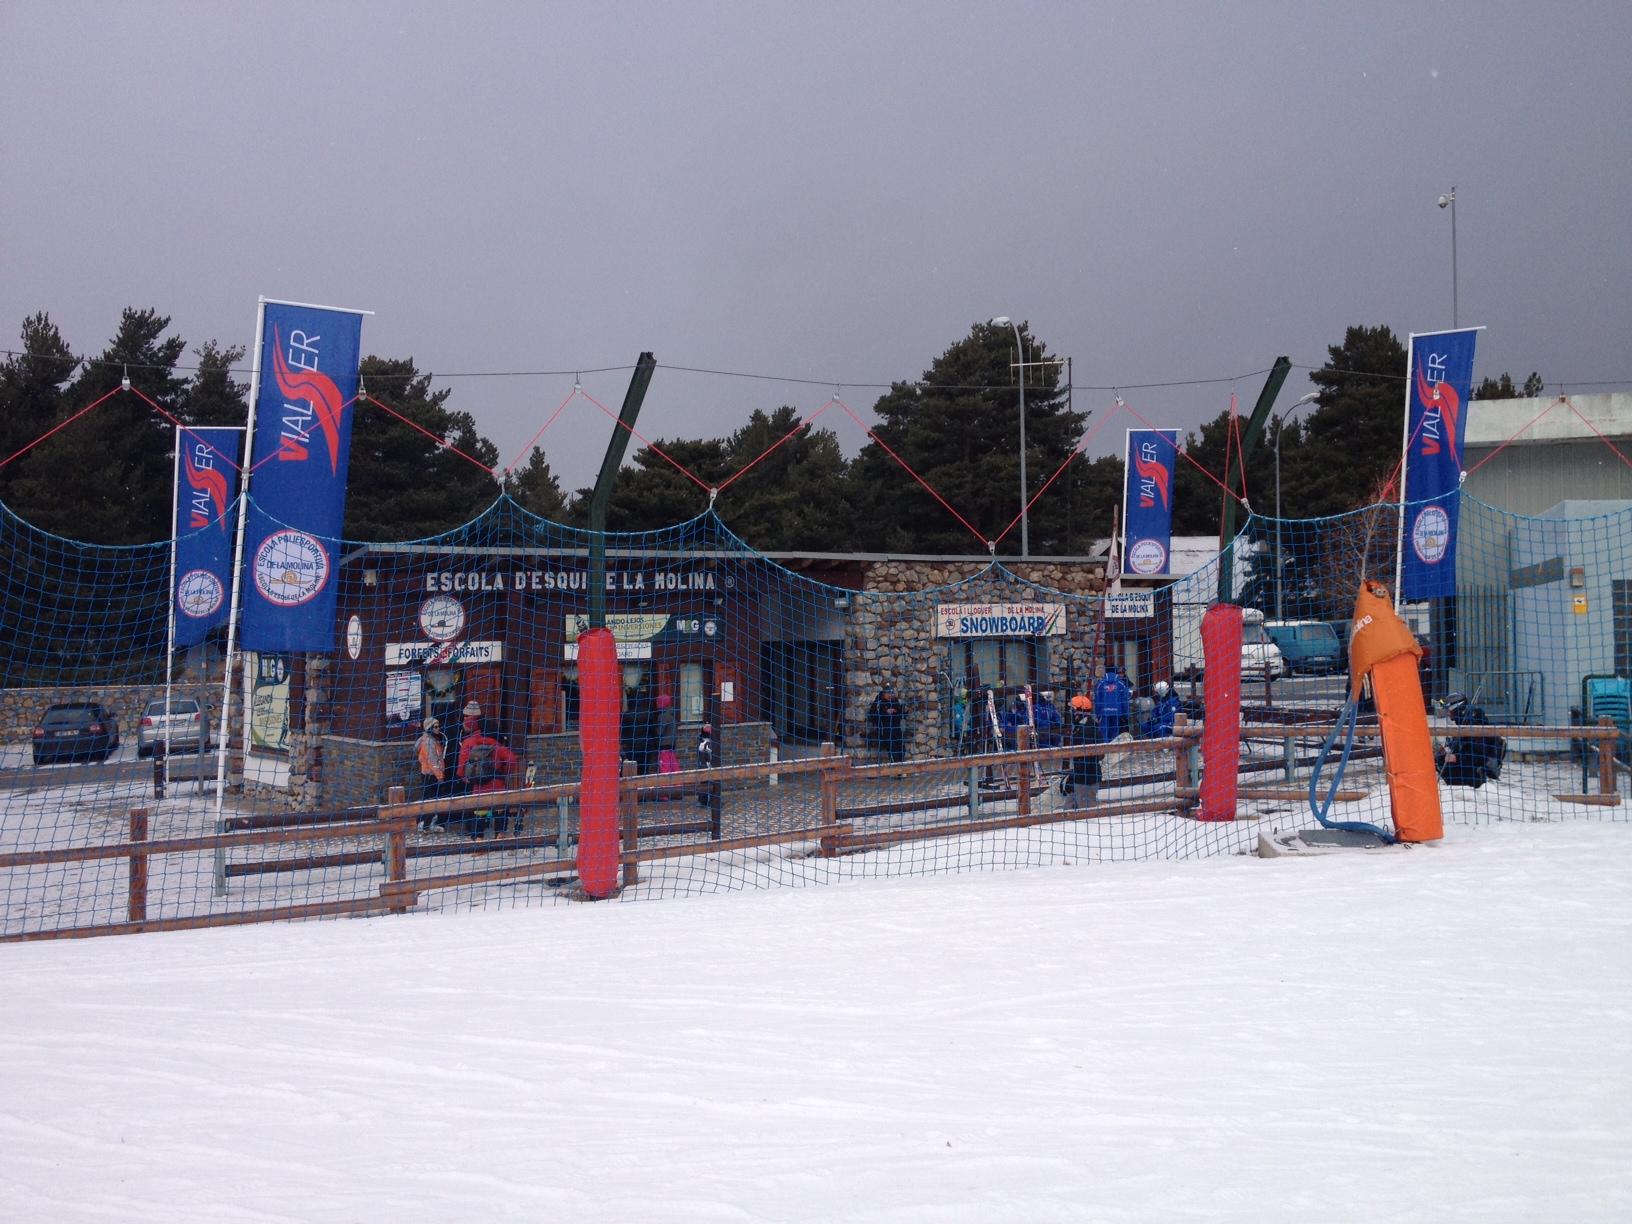 Flag 400x110cm  Escola Esqui